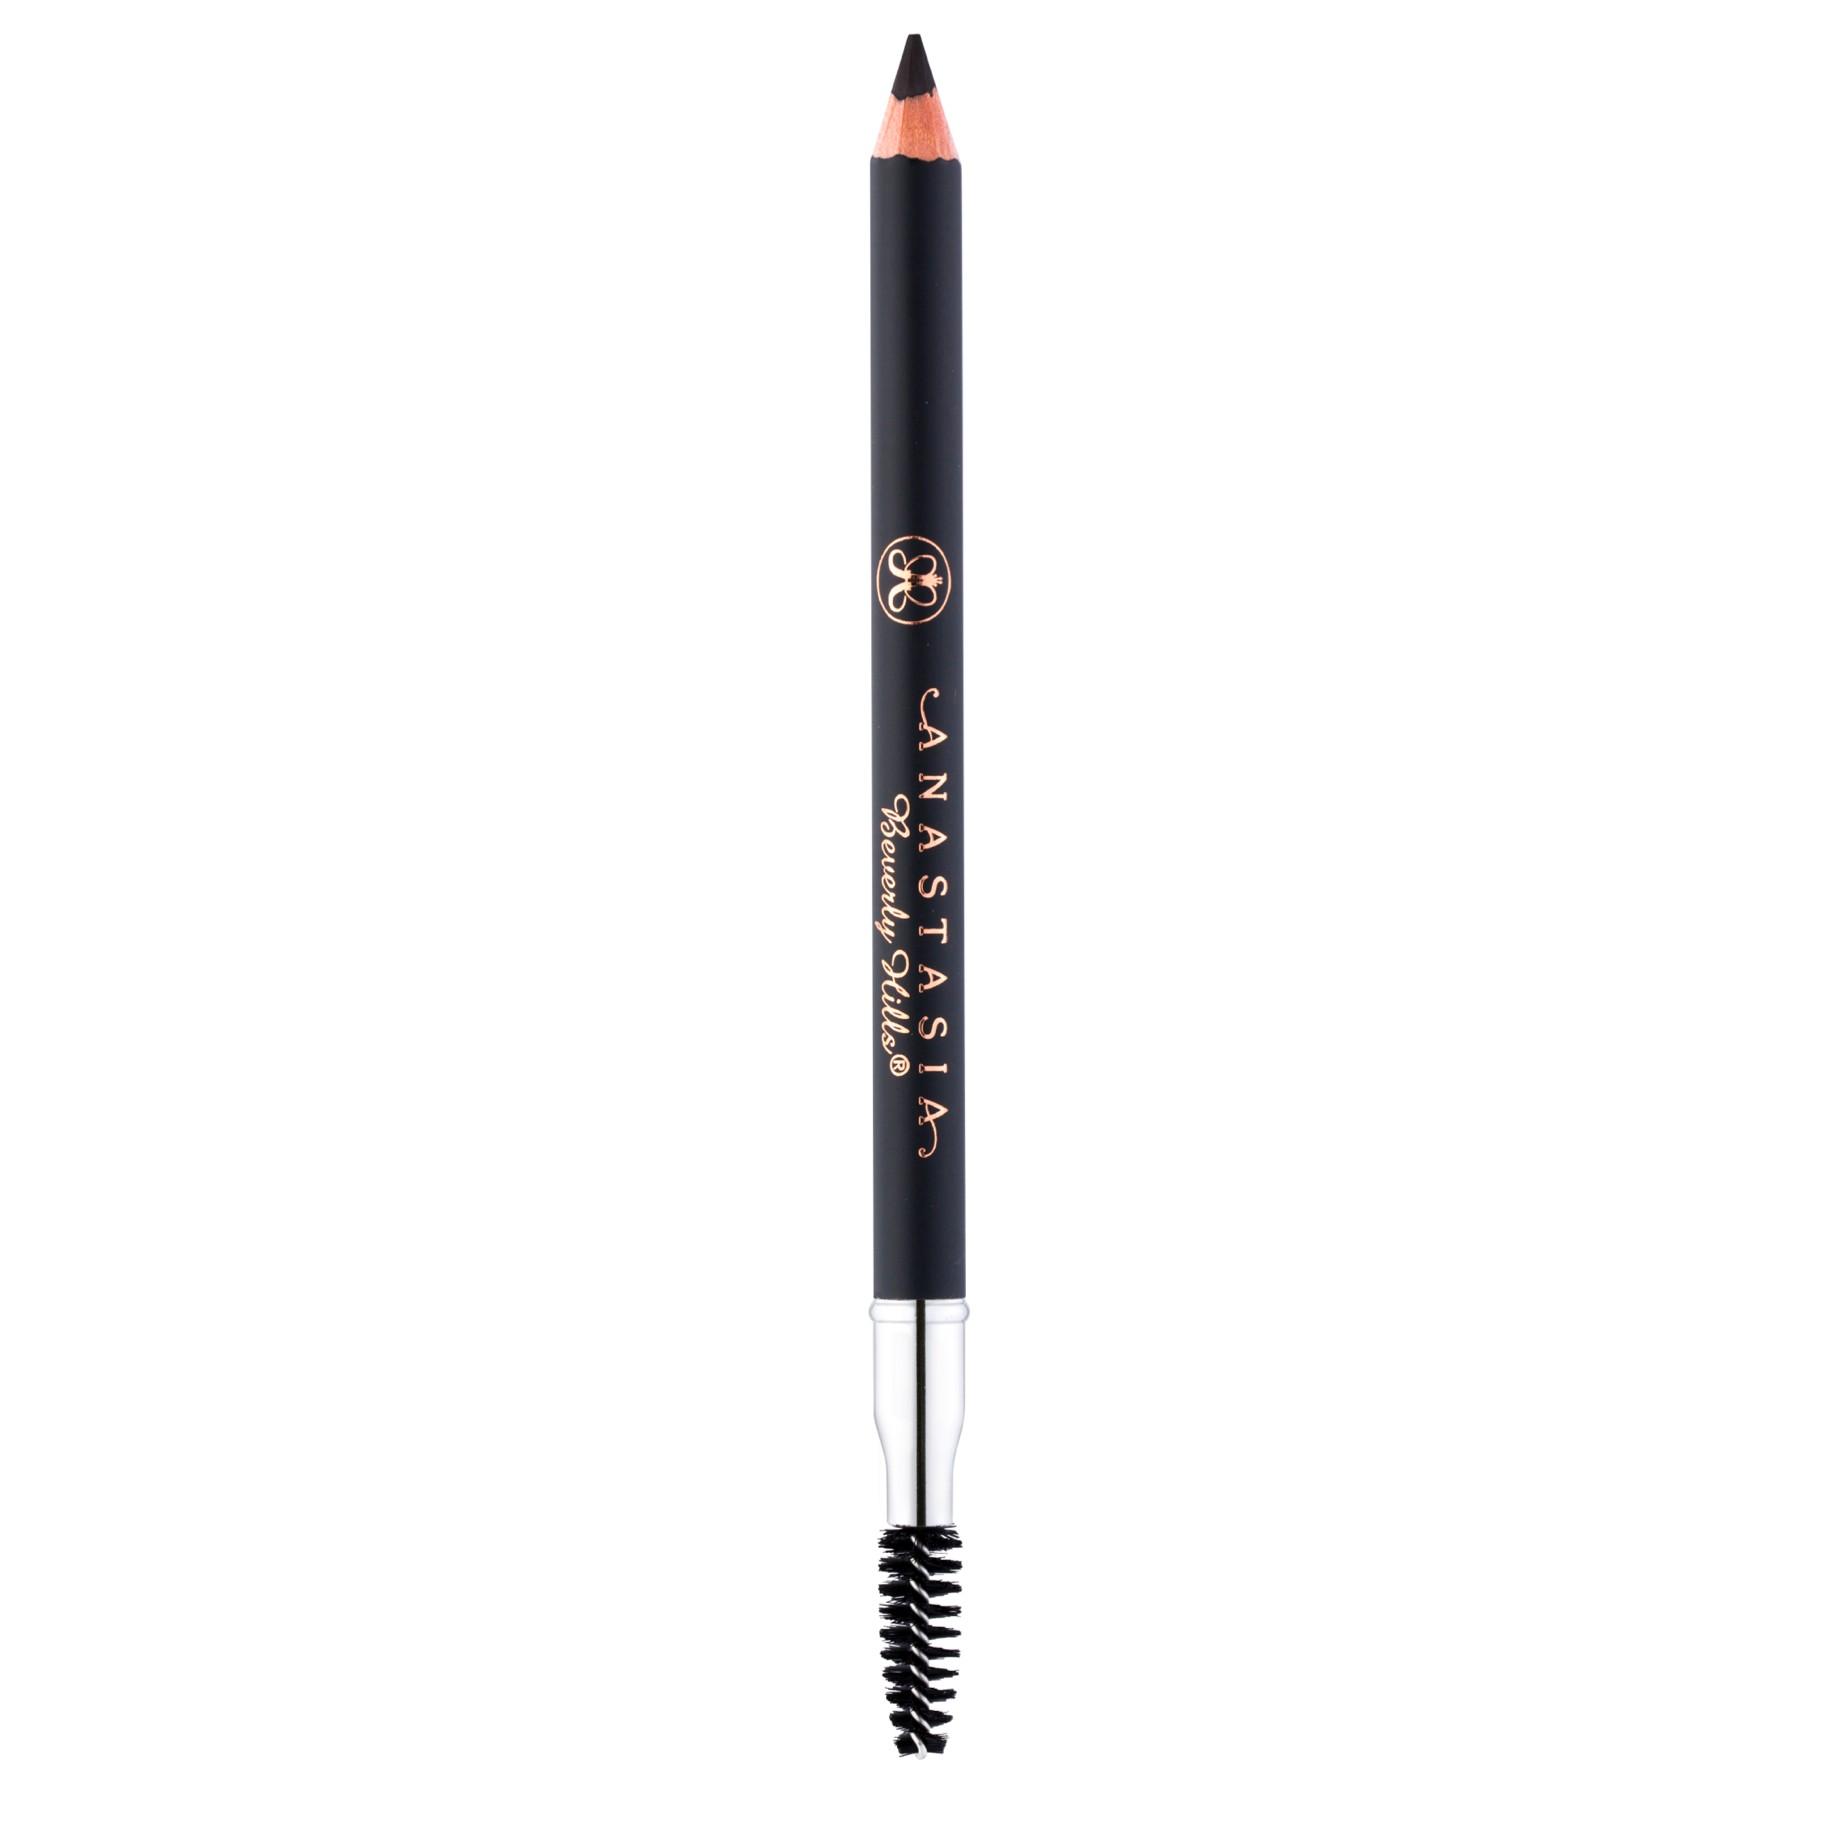 ANASTASIA BEVERLY HILLS Карандаш для бровей Granite / Perfect Brow PencilКарандаши<br>Анастасия создала этот карандаш специально для того, чтобы сделать ваши брови еще красивее. Он незаменим для всех, кто мечтает об идеальных бровях. Компактный и простой в применении карандаш, который практически не занимает места в вашей сумочке и всегда под рукой. Способ применения: нанесите на увлажненную или сухую кожу короткими штриховыми движениями, заполняя пространство между волосками. Вторую сторону карандаша использовать для добавления объема бровям, взбивая волоски вверх короткими ударами.<br>